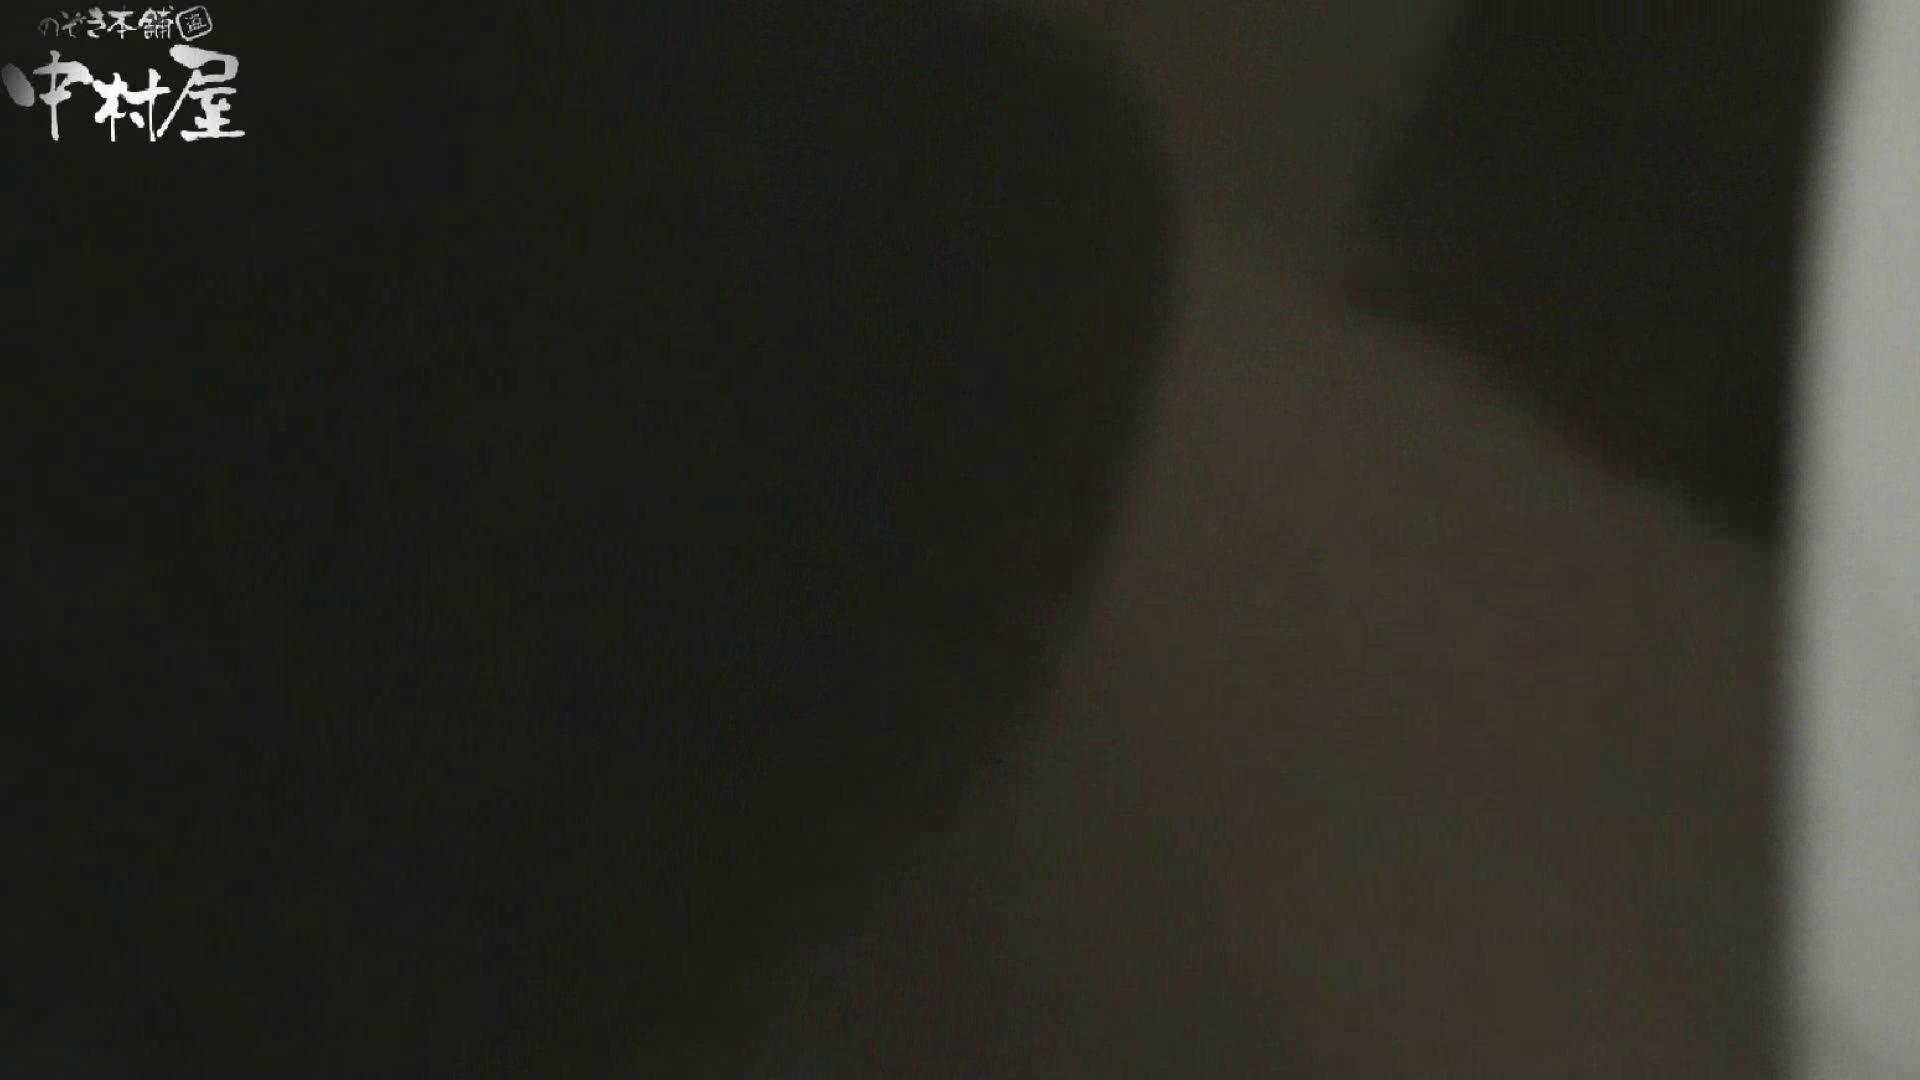 解禁!海の家4カメ洗面所vol.19 ギャルのエロ動画 | 人気シリーズ  91PIX 79